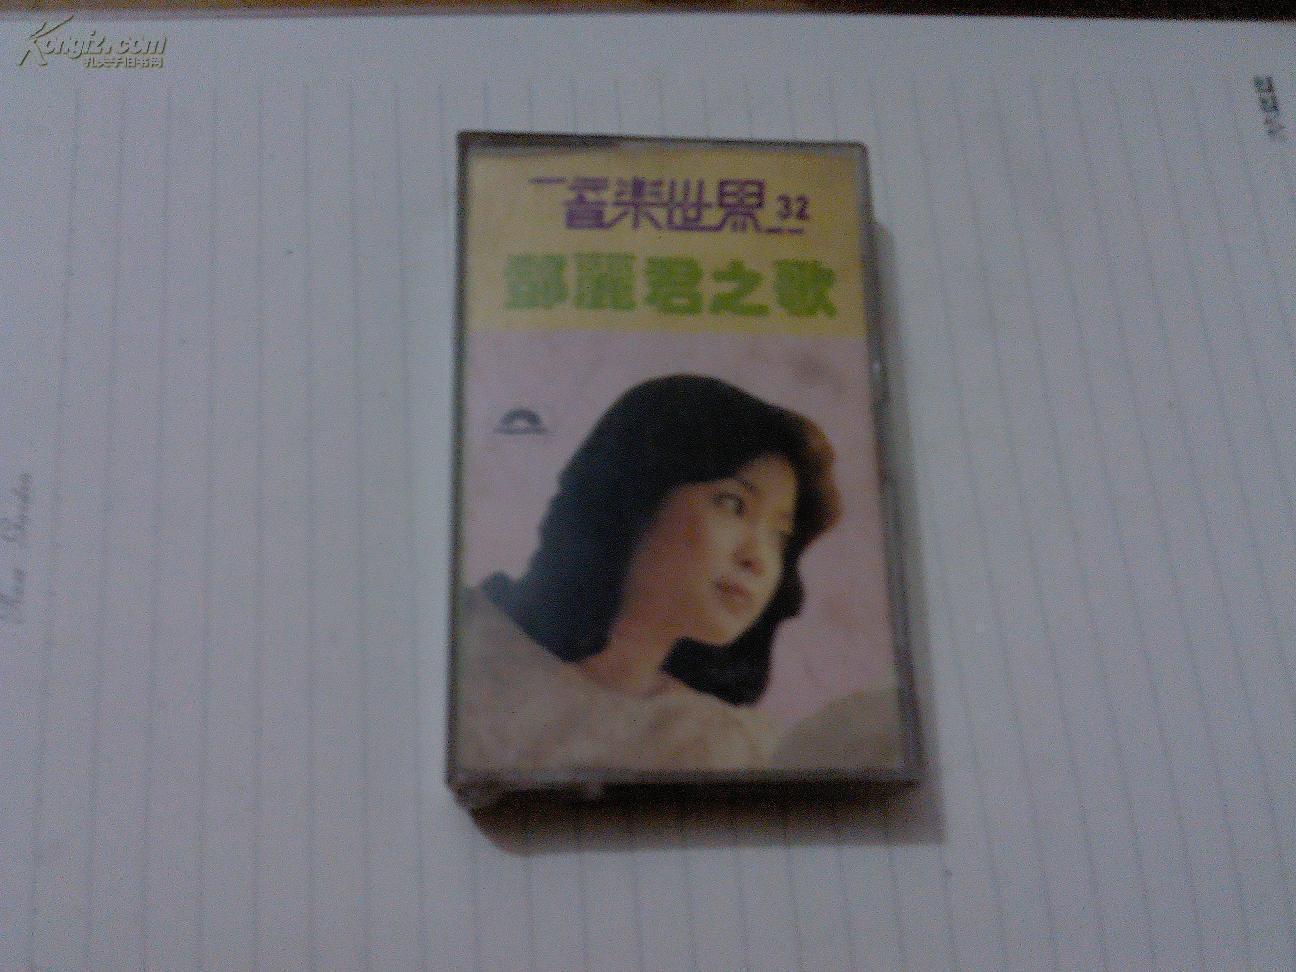 世界 邓丽君之歌图片